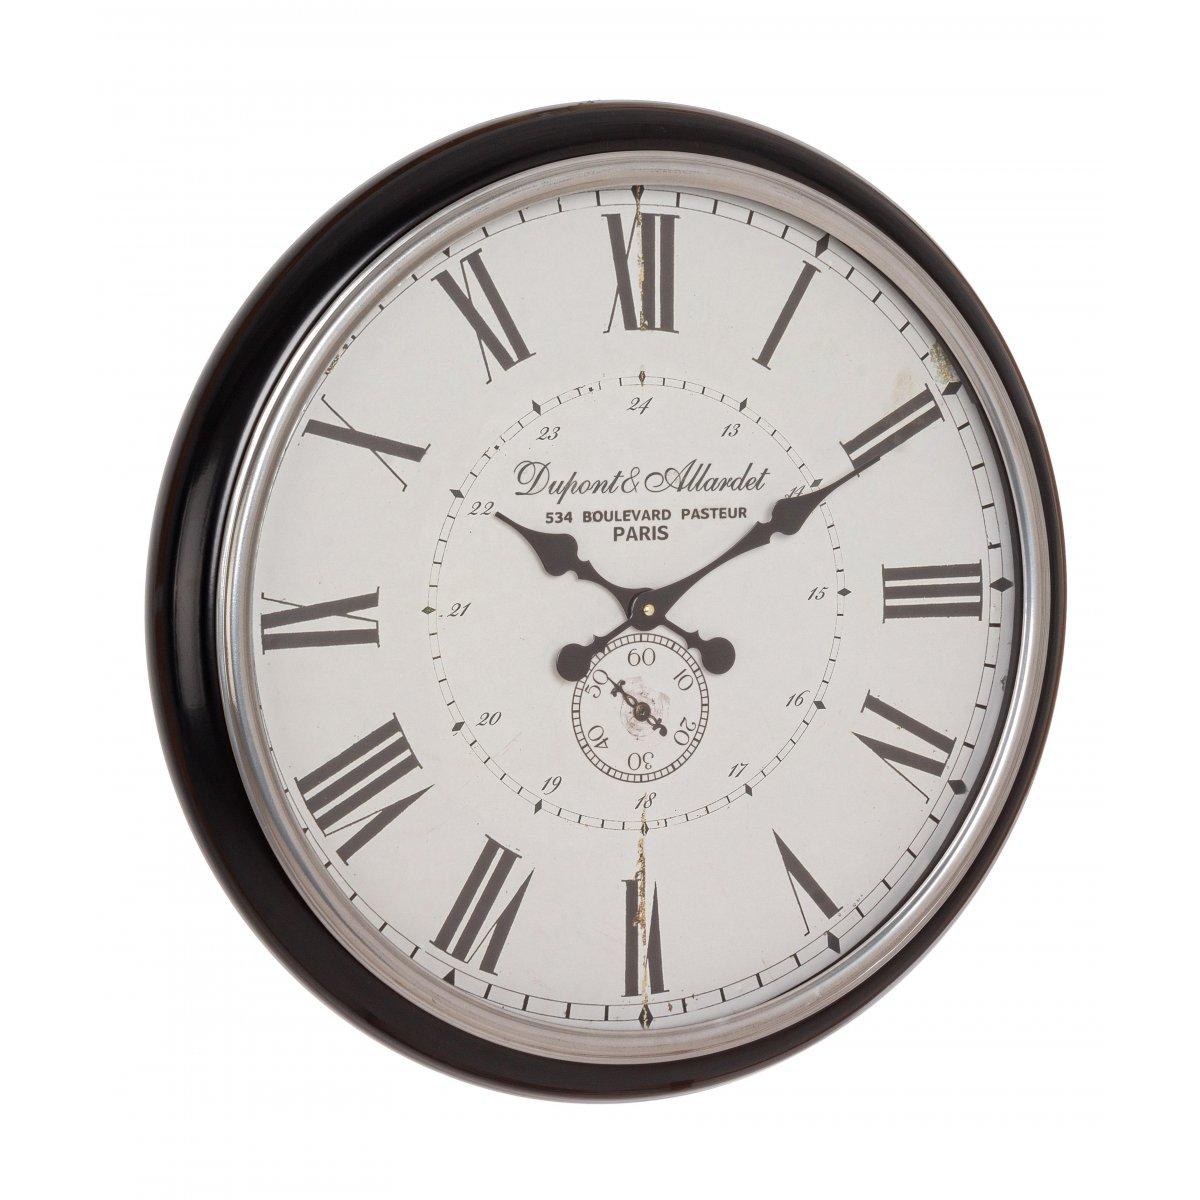 orologio da parete Allardet